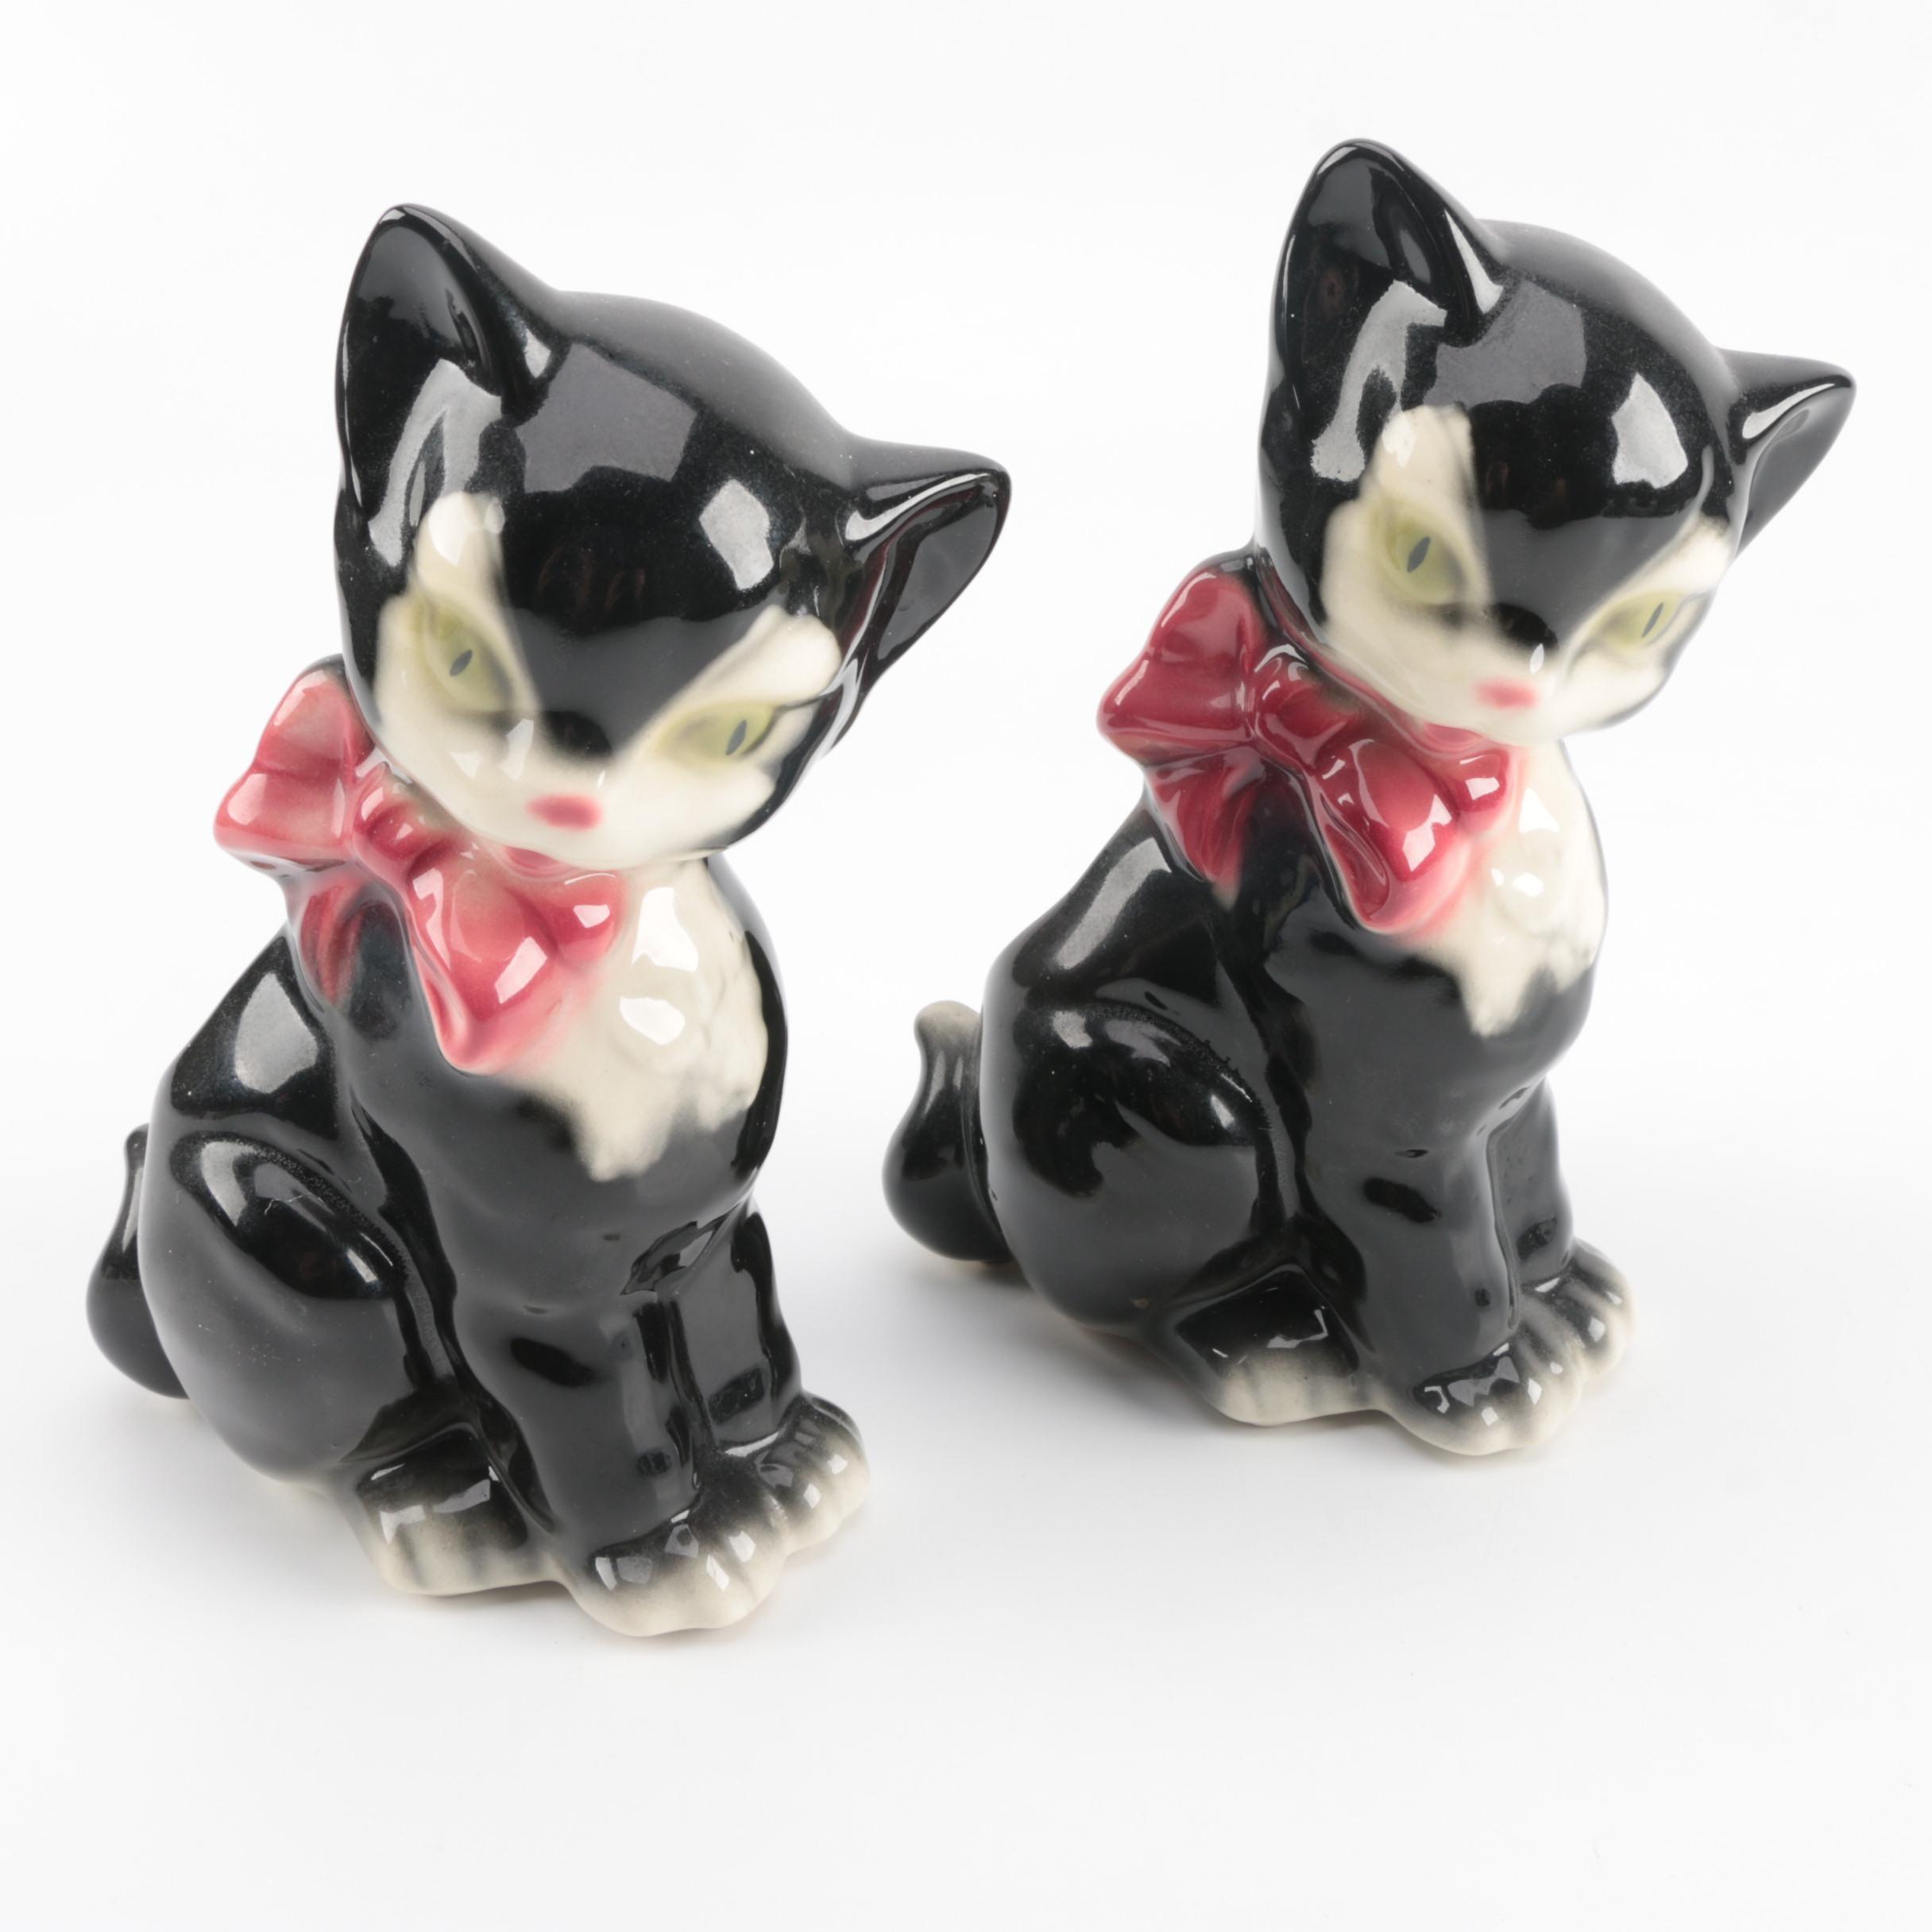 Two Ceramic Cat Planters